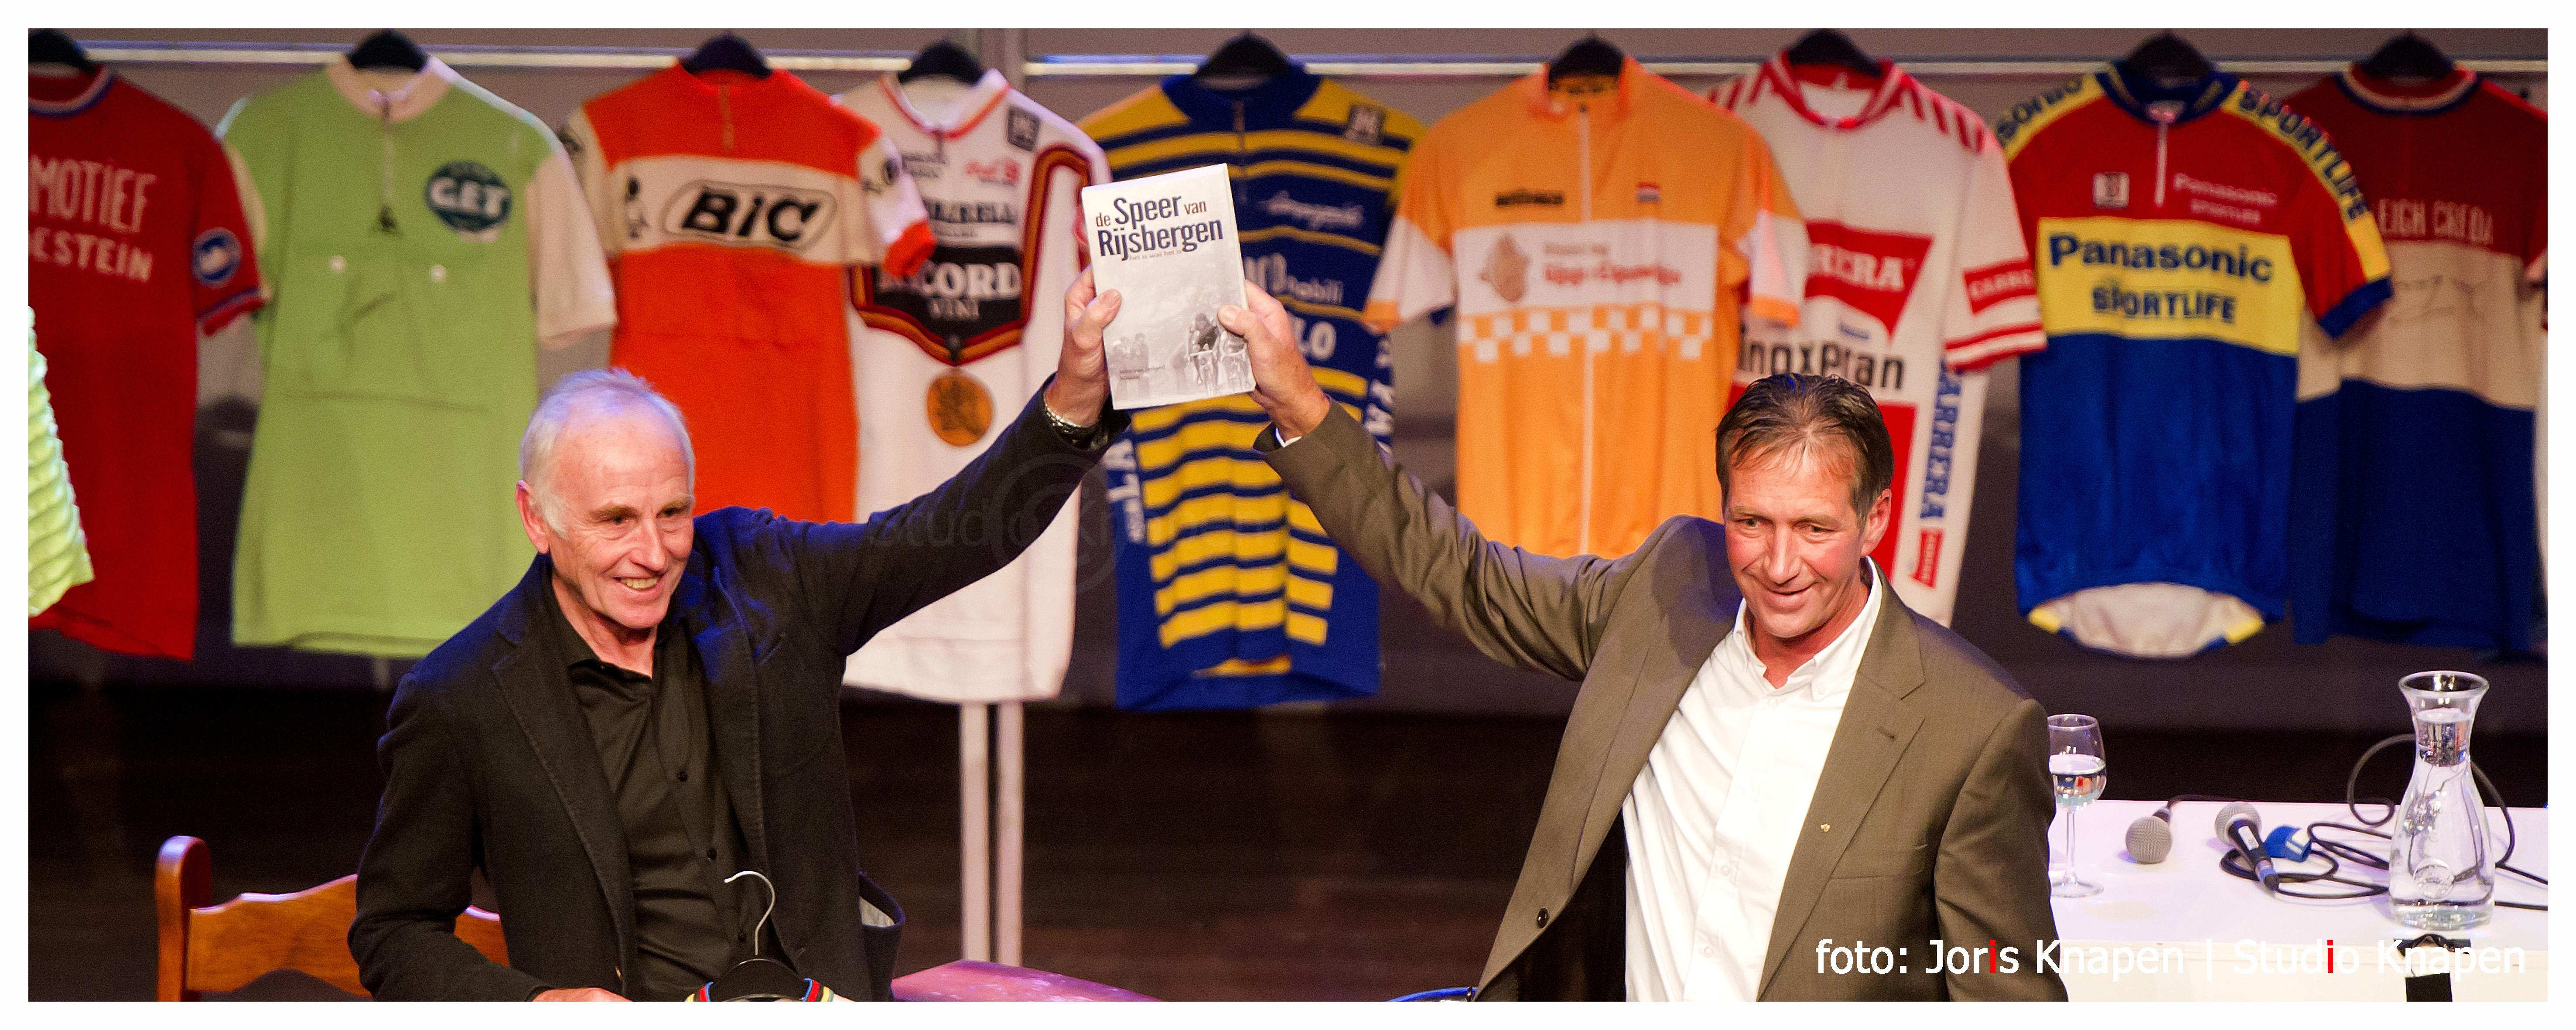 034 De Speer van Rijsbergen boekpresentatie 26-11-2015